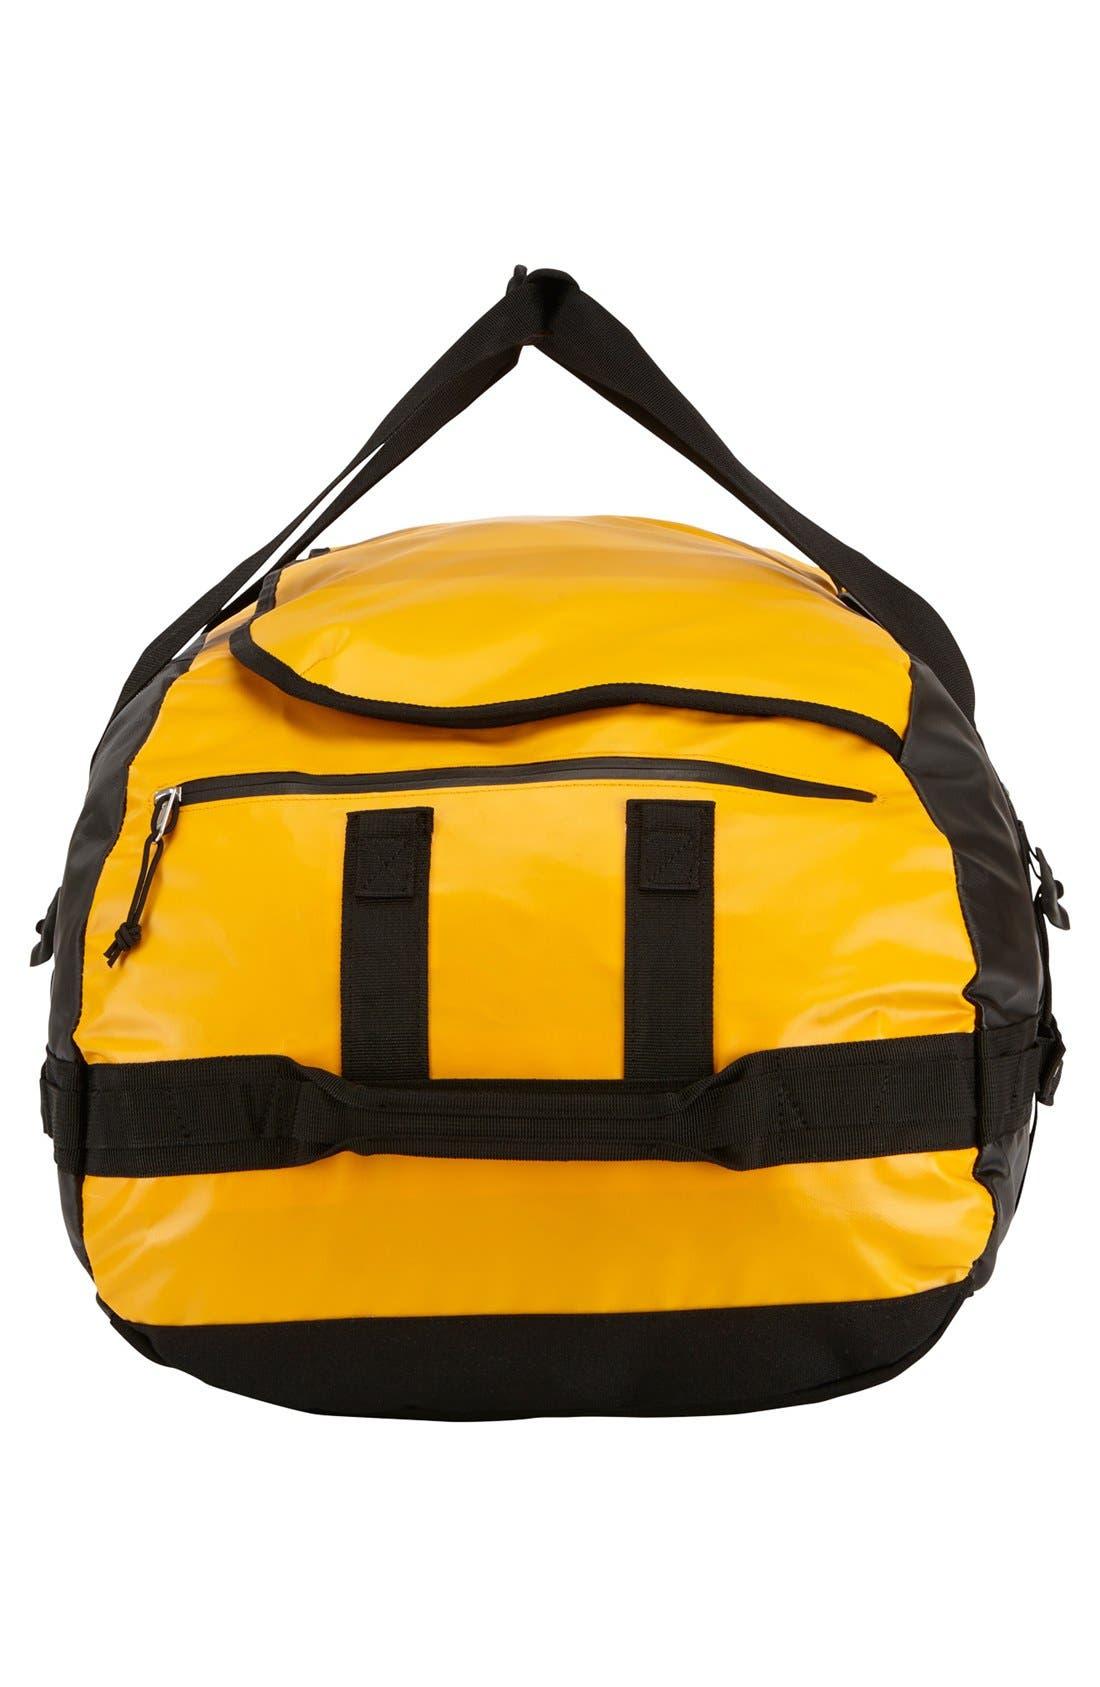 Alternate Image 2  - Thule Large Duffel Bag (90L Capacity)